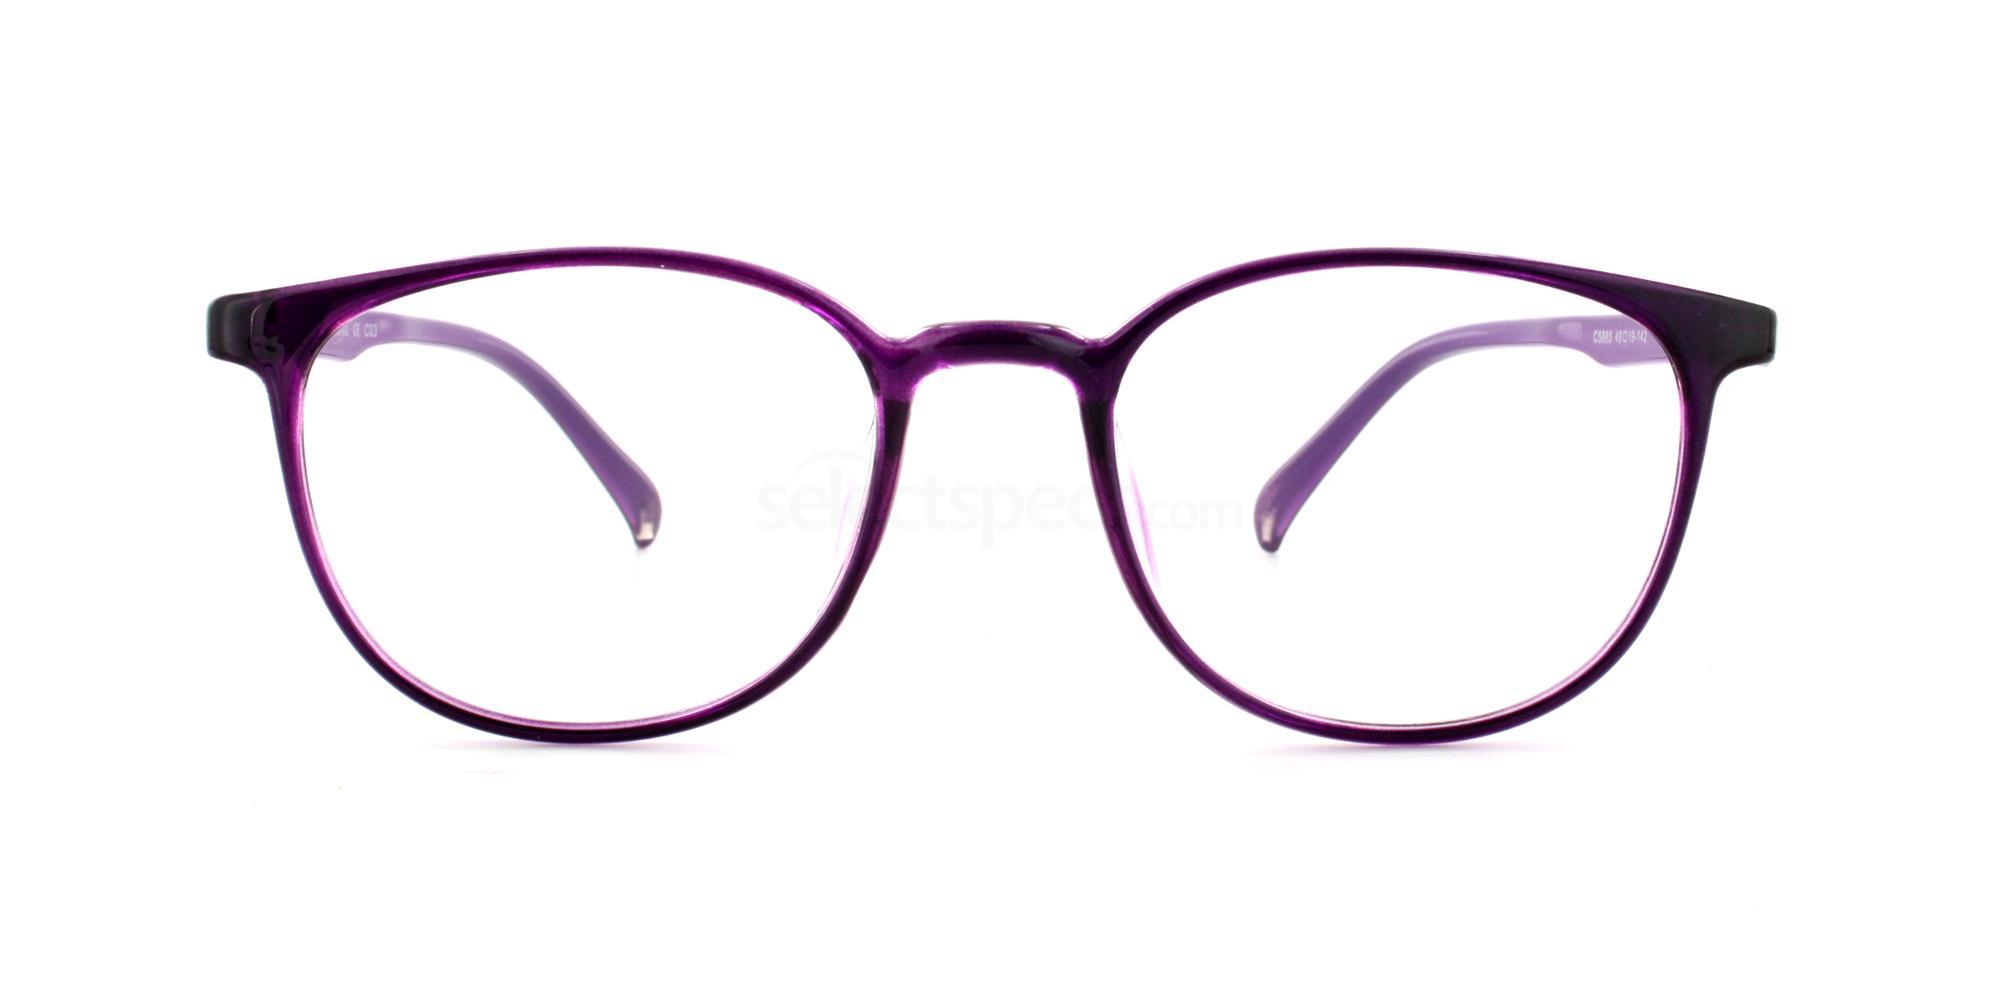 C3 5885 Glasses, Savannah